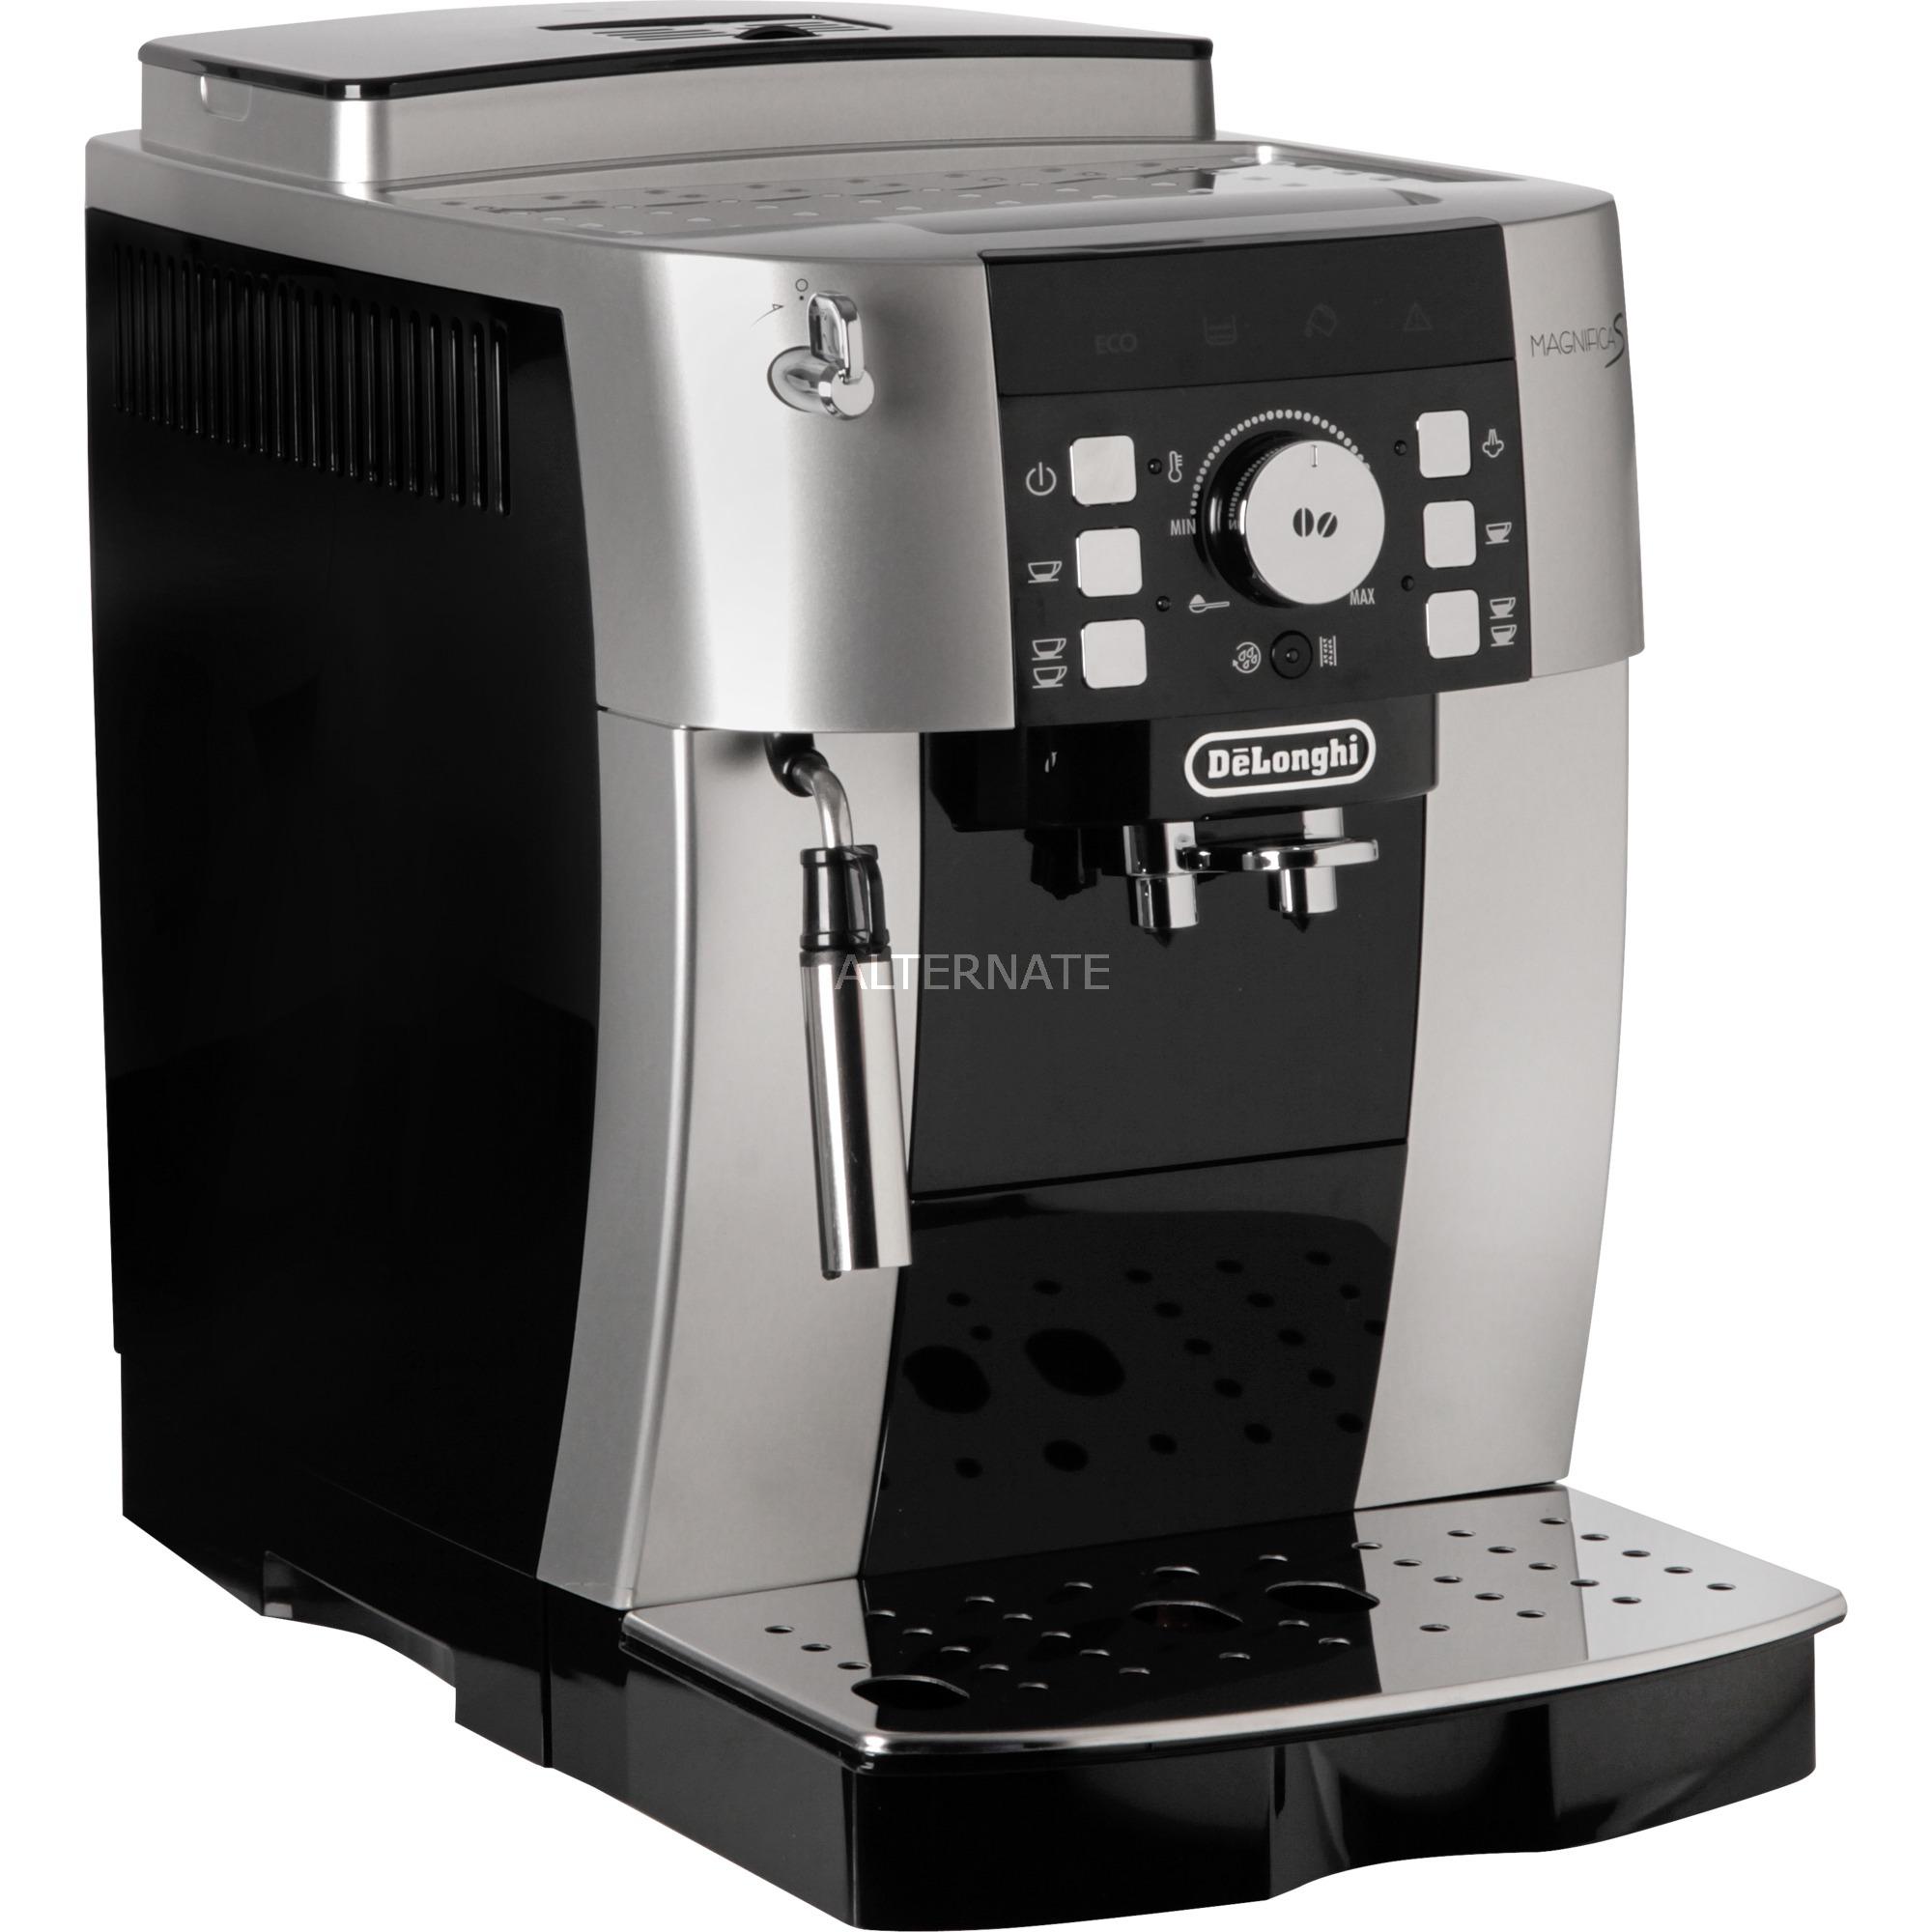 Magnifica S ECAM 21.117.B Encimera Máquina espresso 1,8 L Totalmente automática, Superautomática